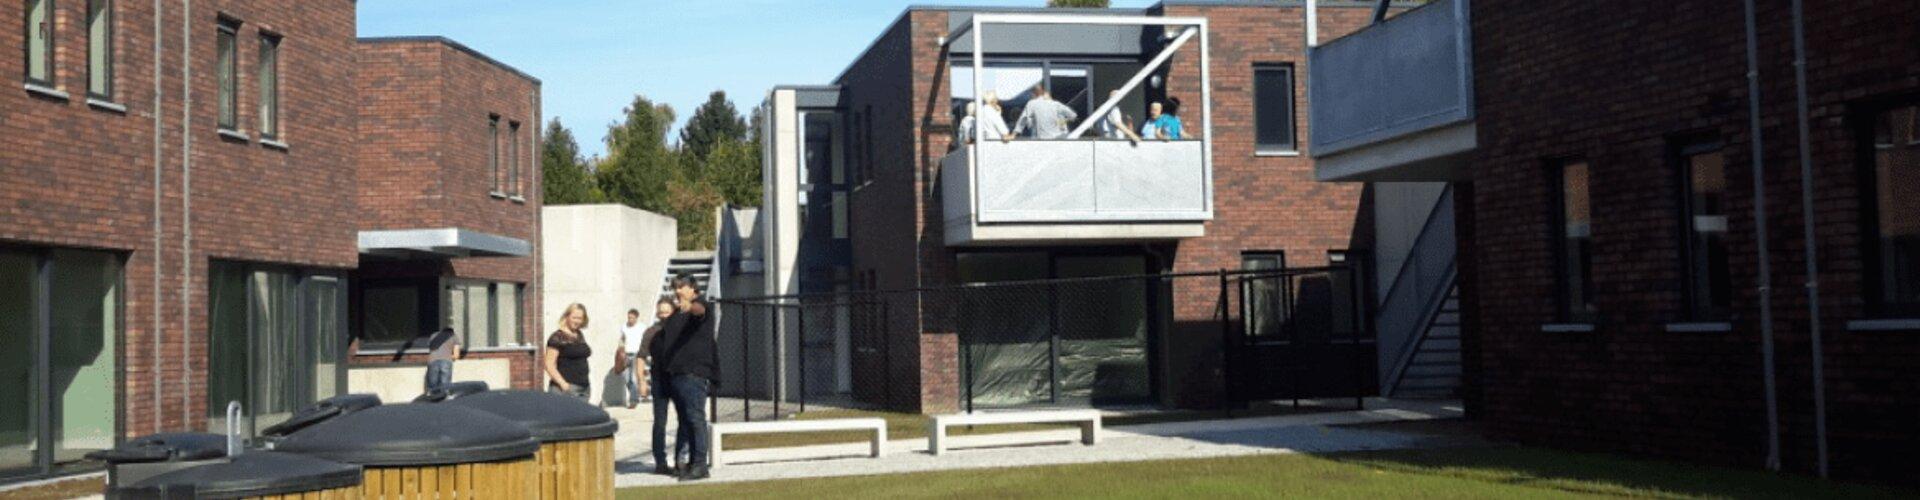 Rijkhoven